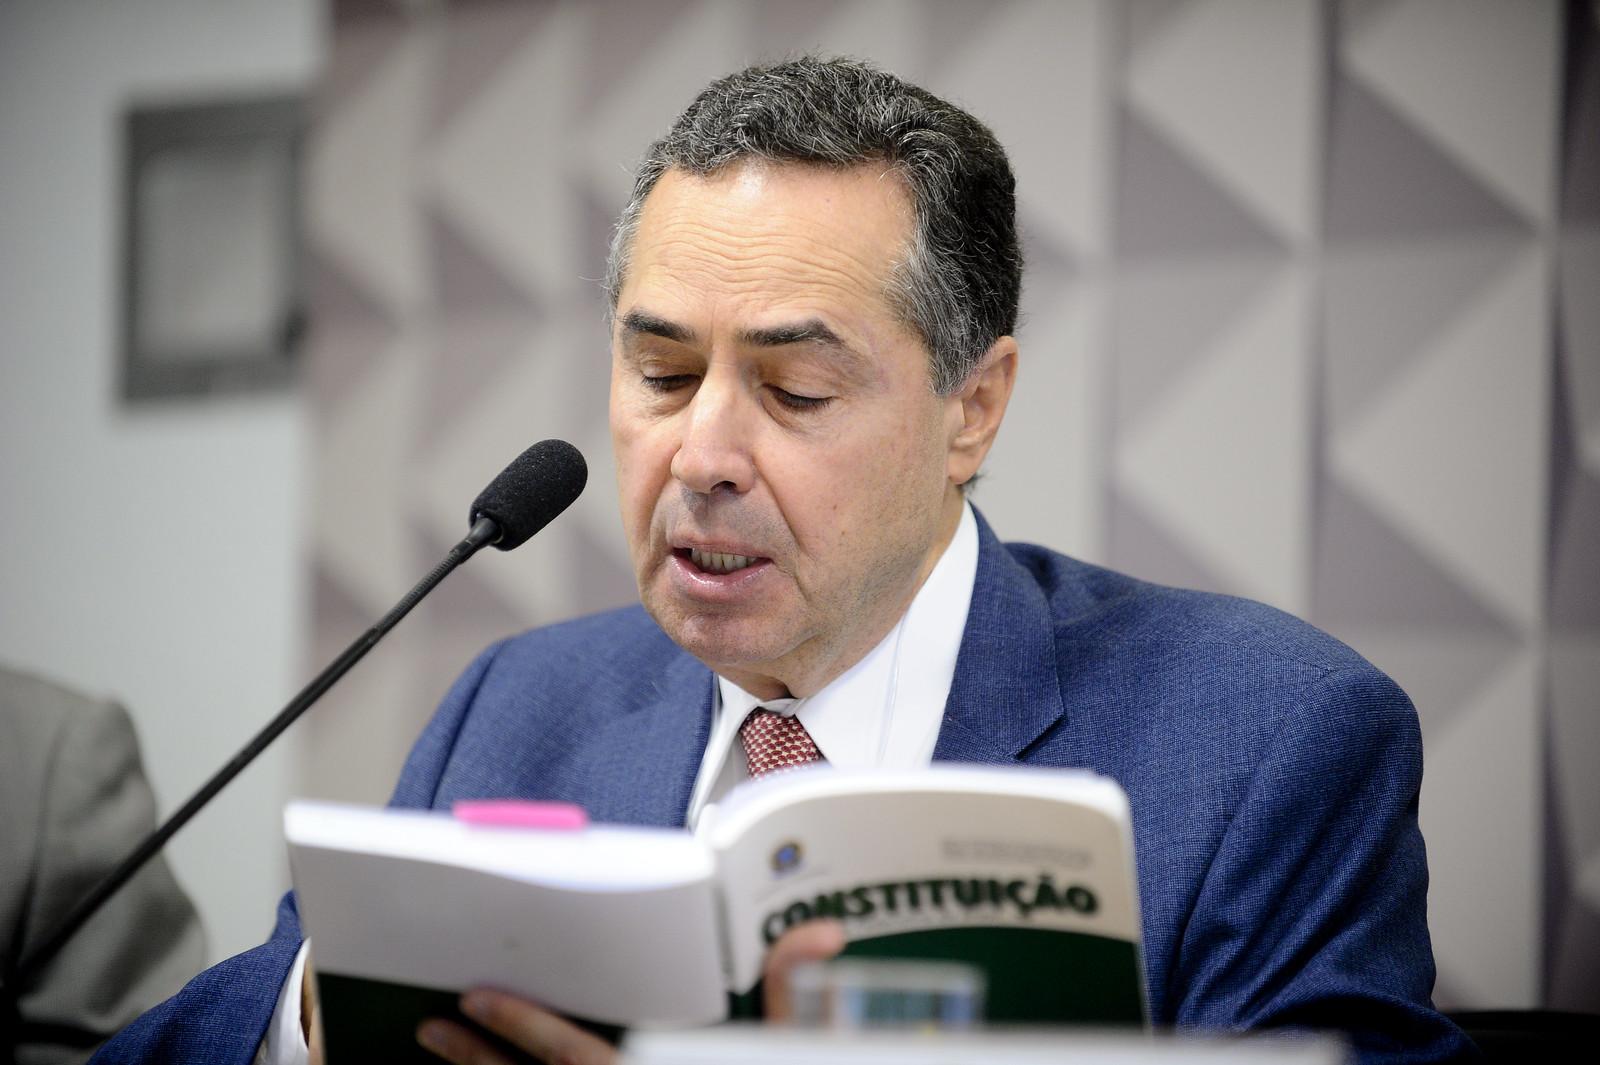 Em decisão de Barroso, Supremo quebra sigilo bancário do presidente Temer, Reuniões Conjuntas